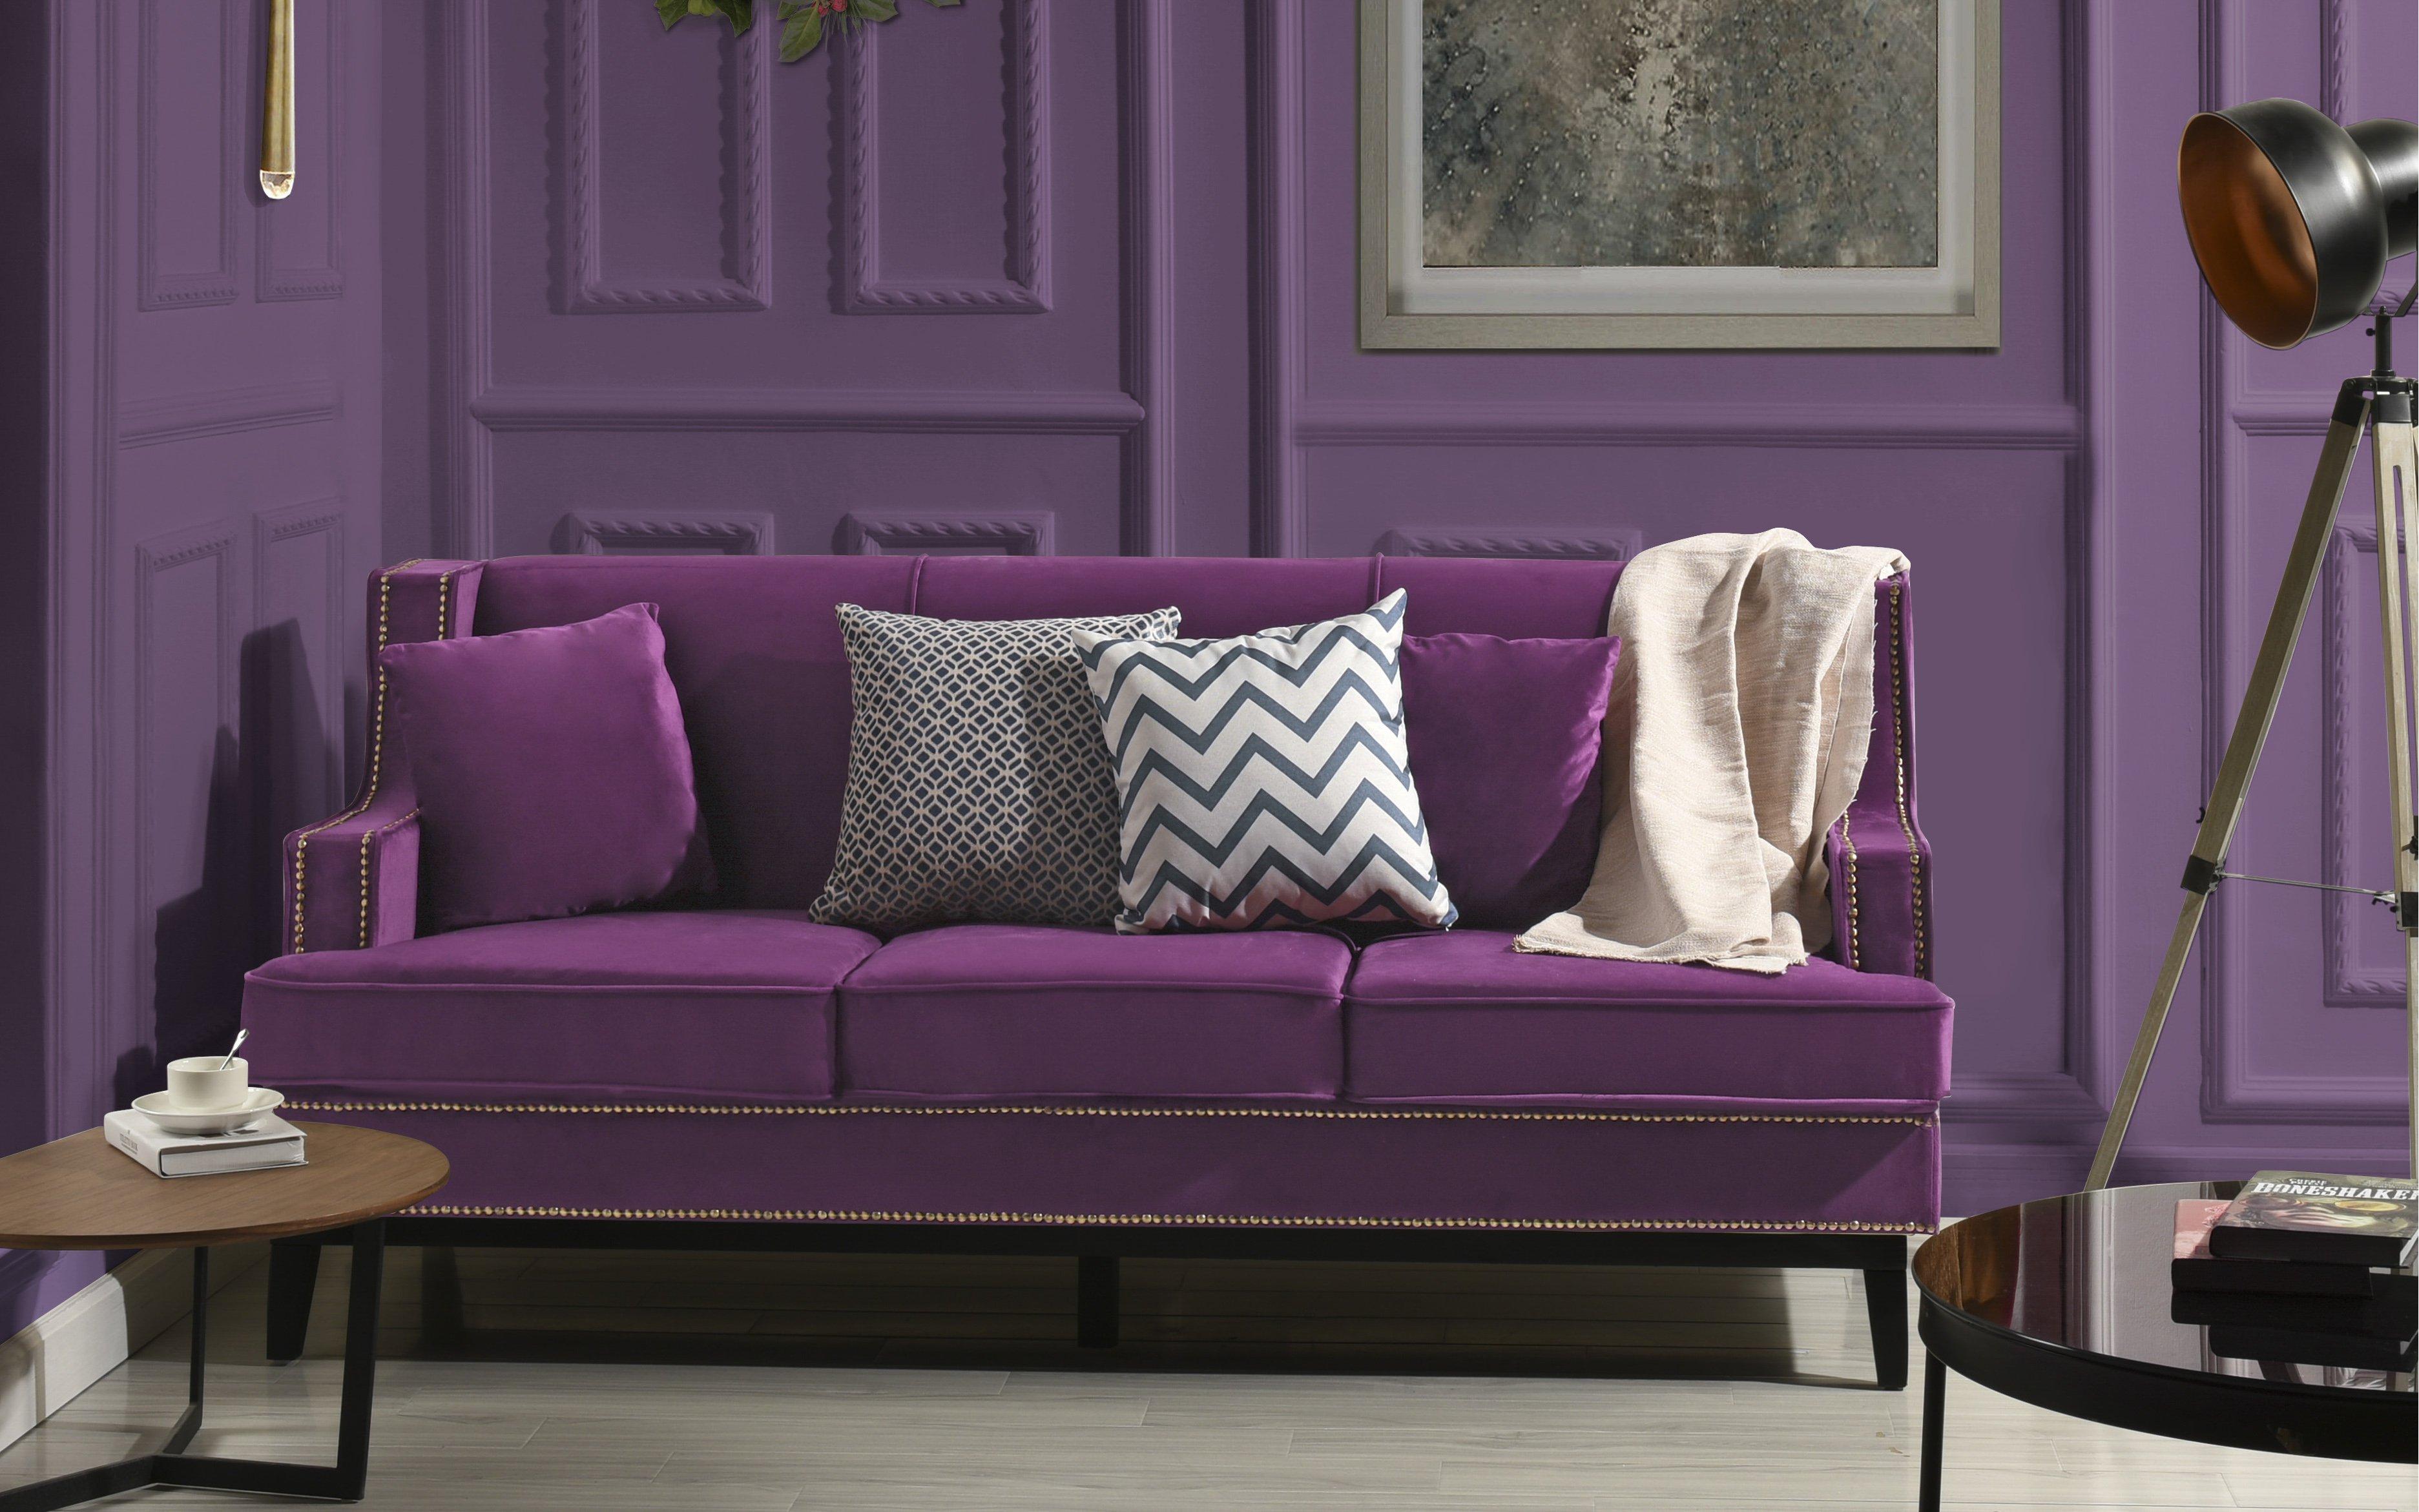 Purple Soft Velvet Sofa with Nailhead Trim Detail Wooden Fra